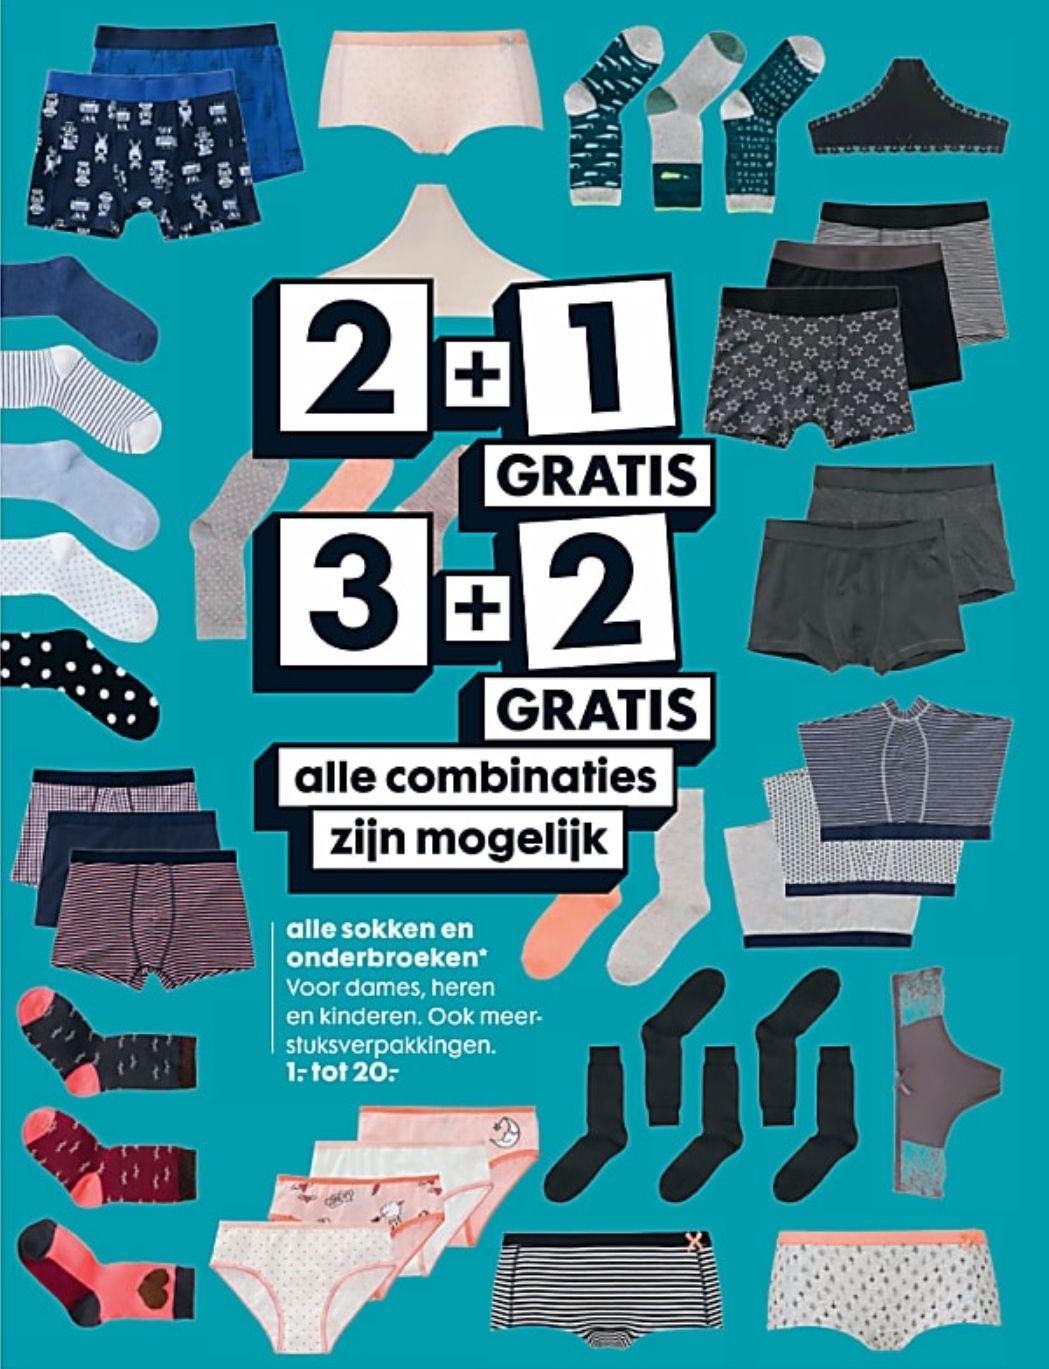 Hema 2+1 gratis/3+2 gratis op alle sokken en onderbroeken